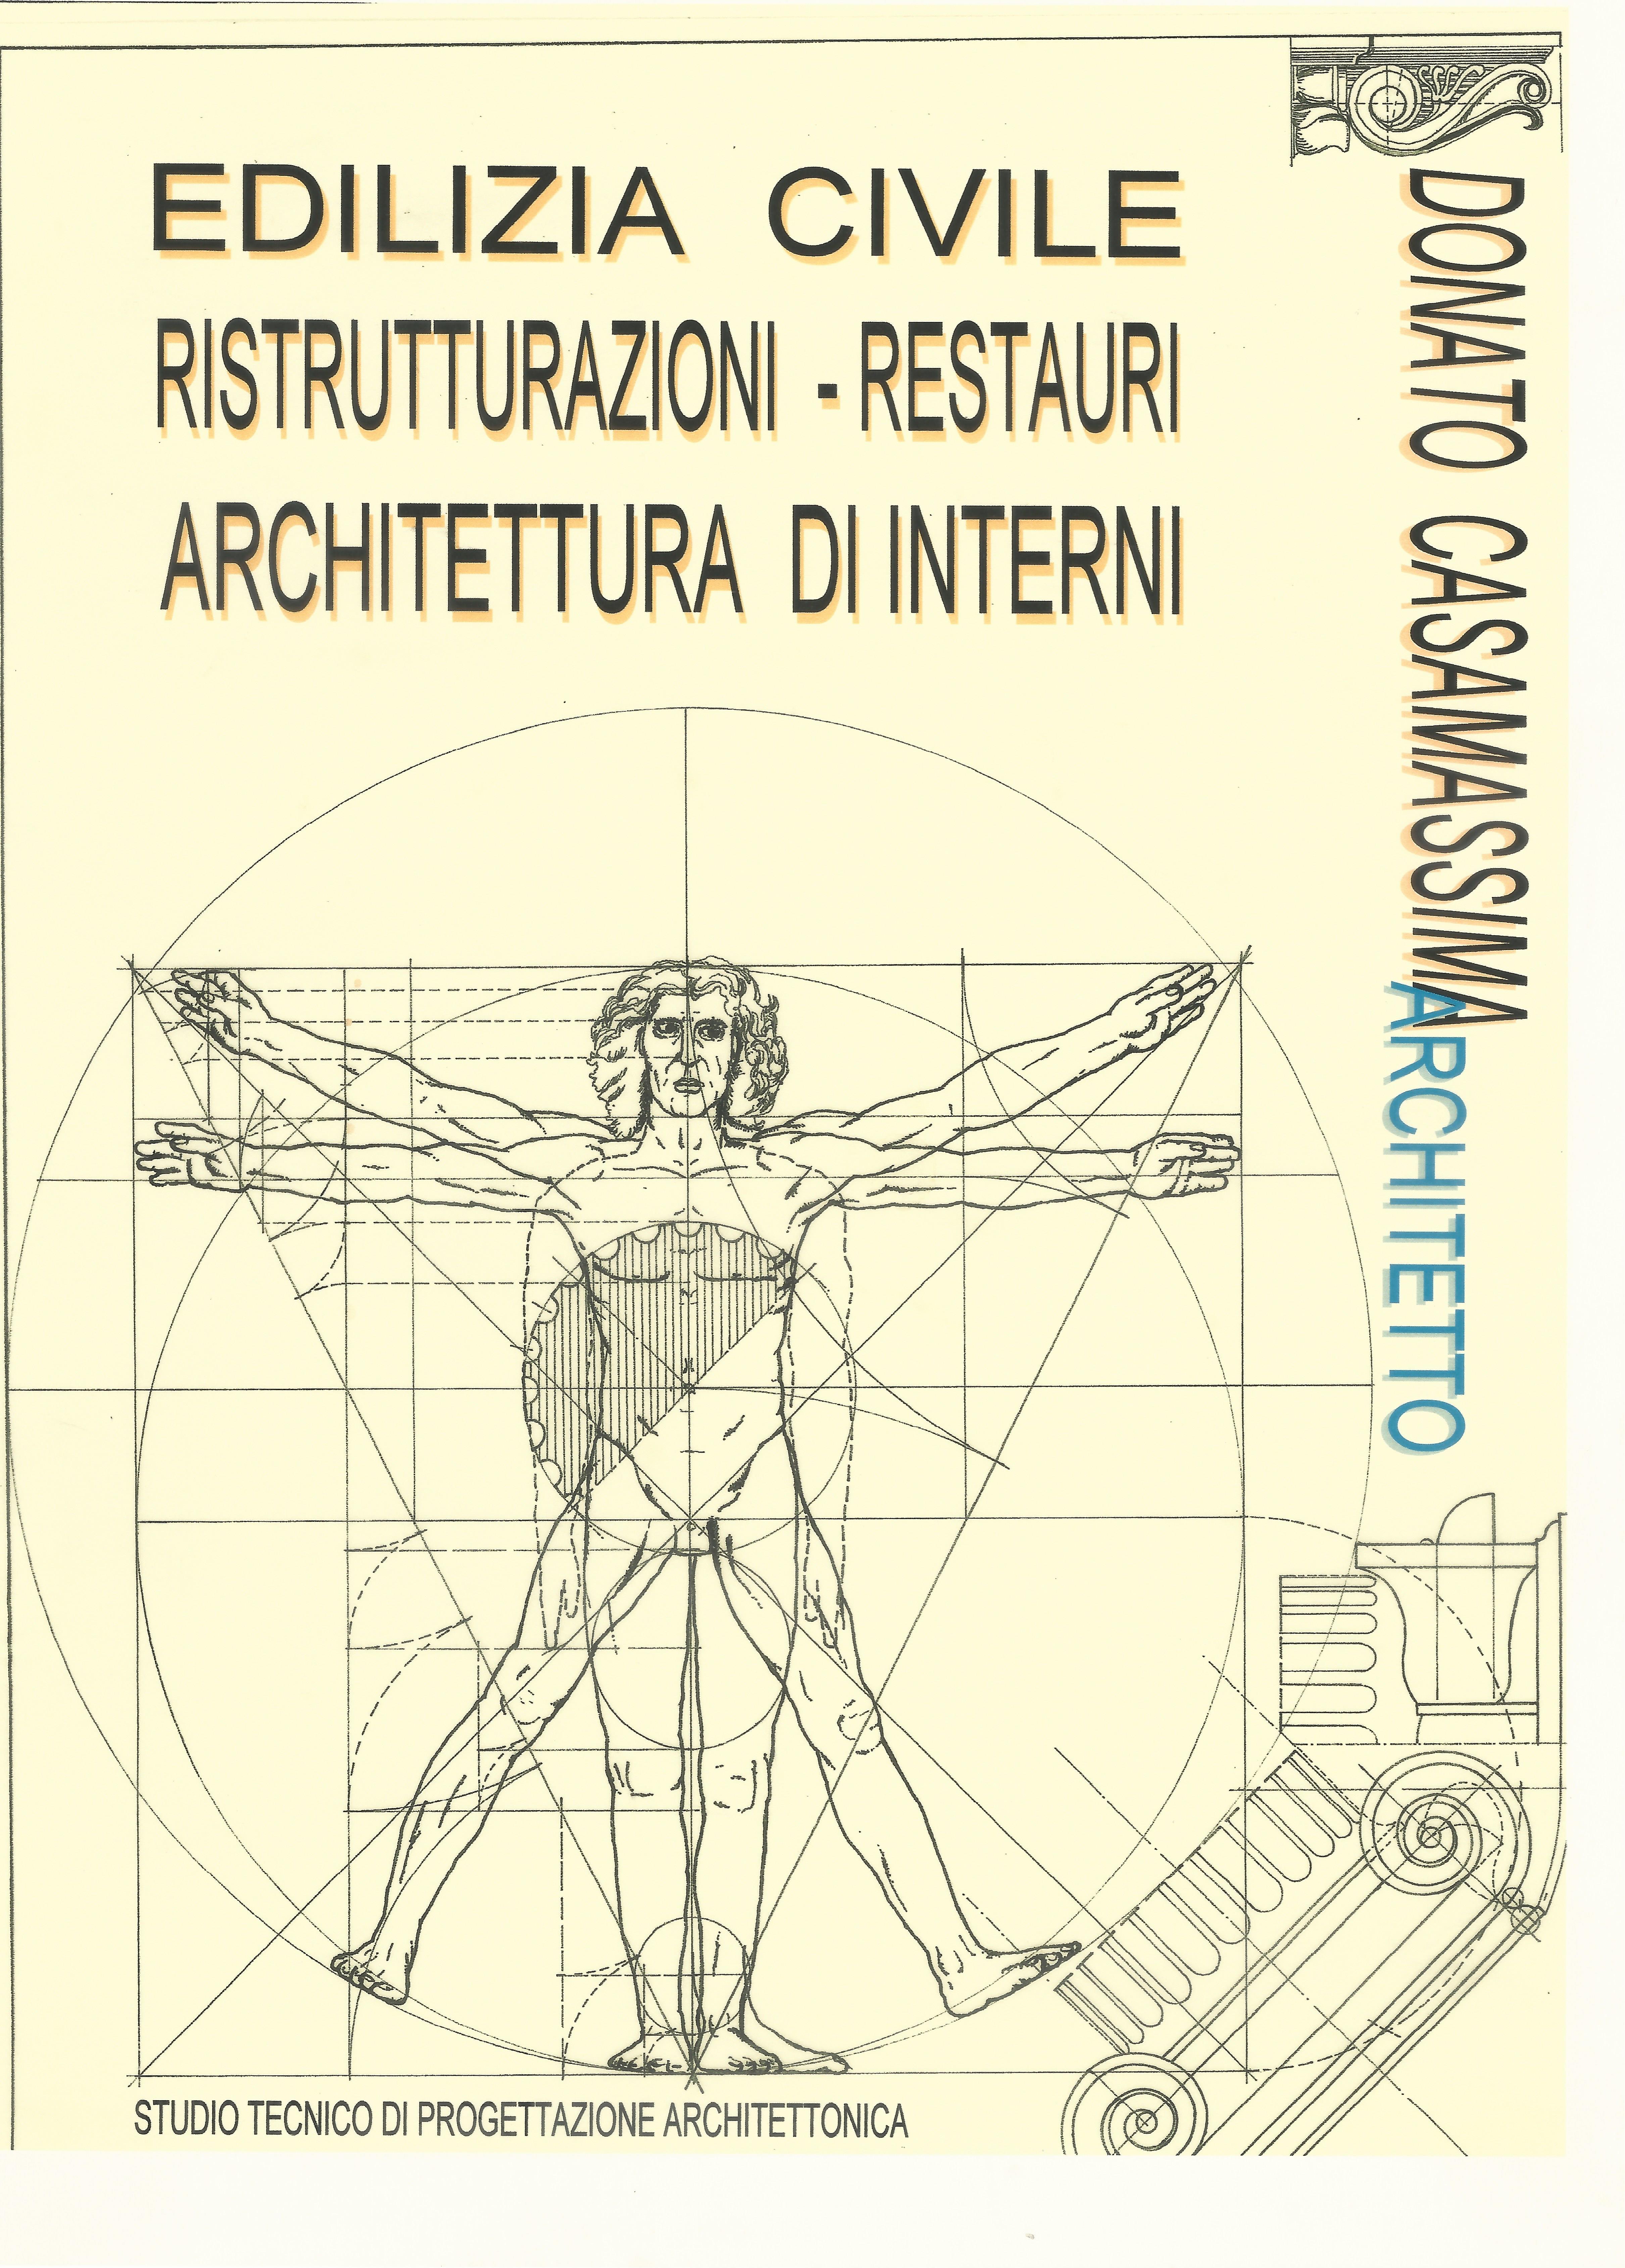 Studio Tecnico di Progettazione Architettonica